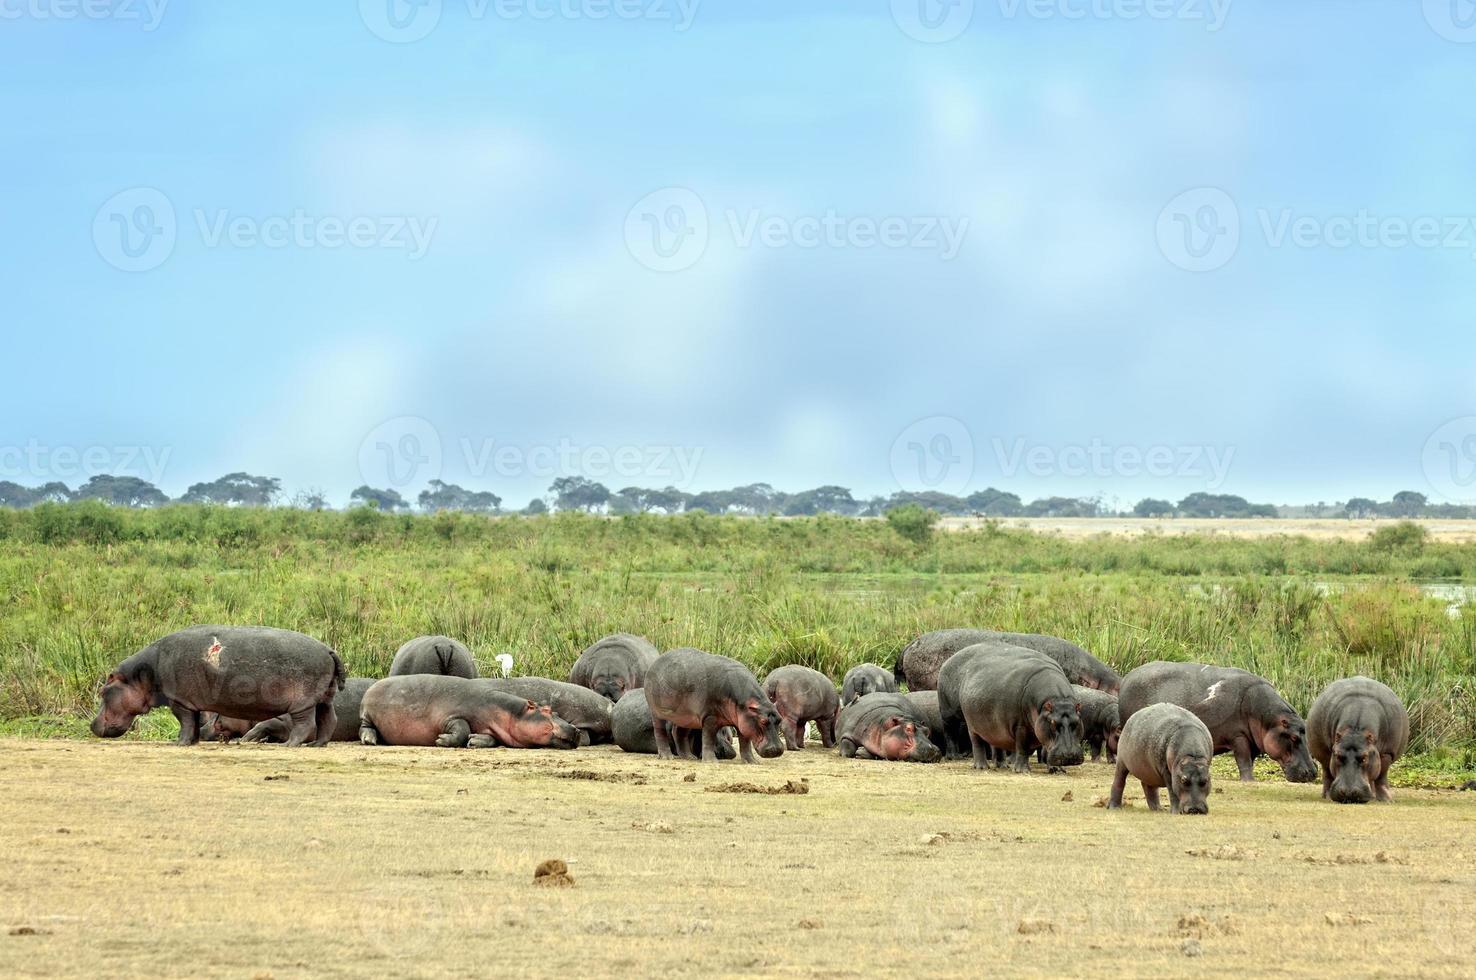 nijlpaarden zonnebaden op de zon voor moeras foto